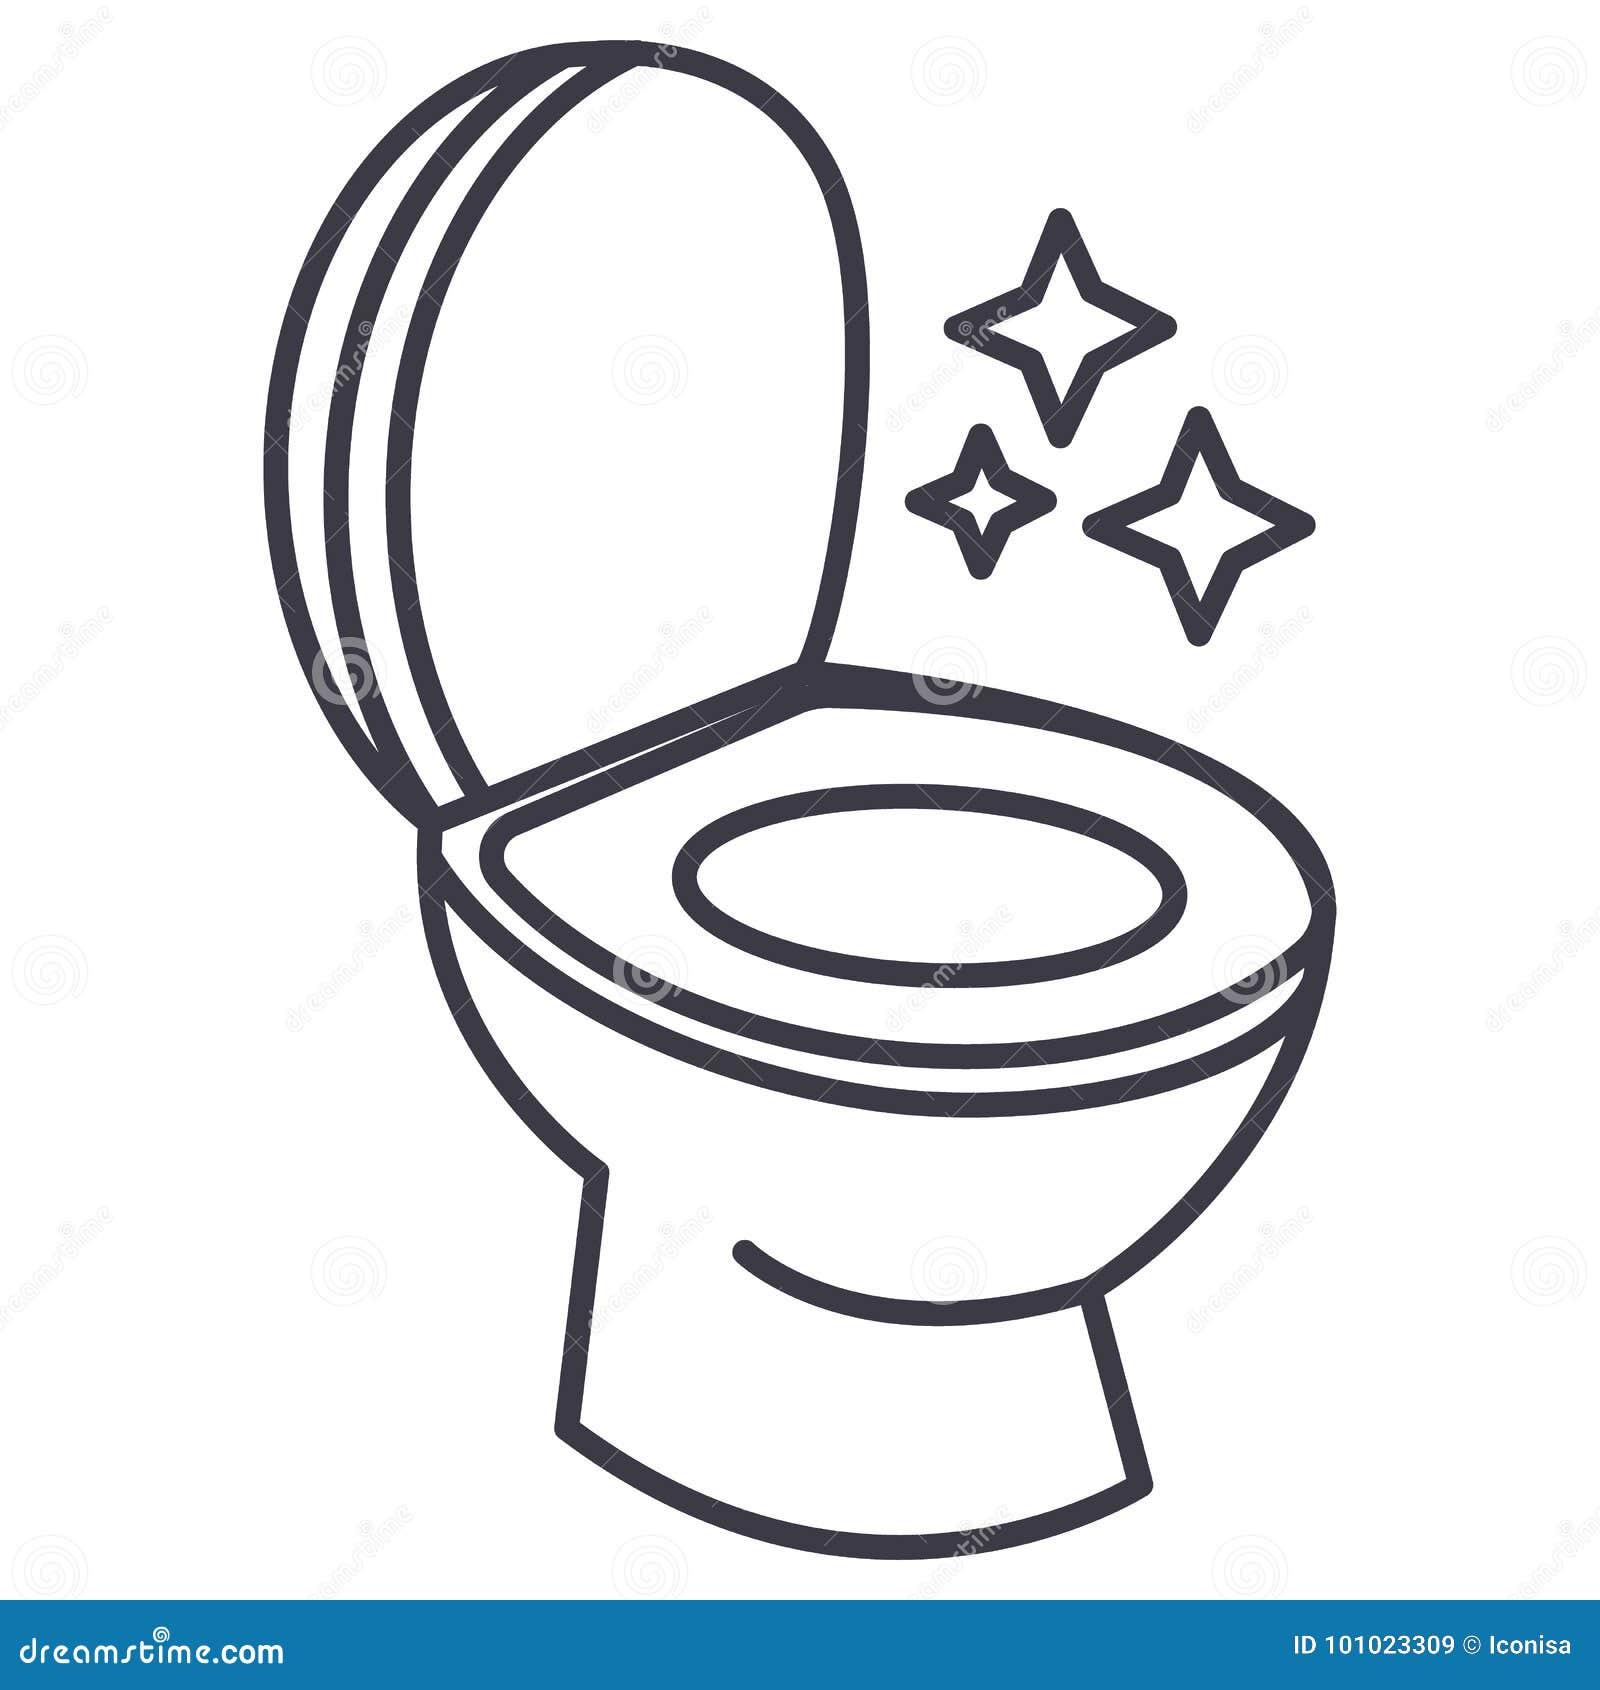 malvorlagen seite de toilet  28 images  malvorlagen